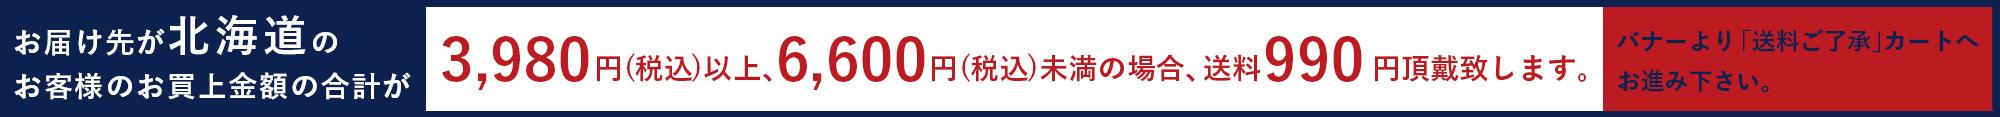 北海道にお住まい・お届けのお客様へ大切なお知らせです。お届け先が北海道のお客様はご確認ください。